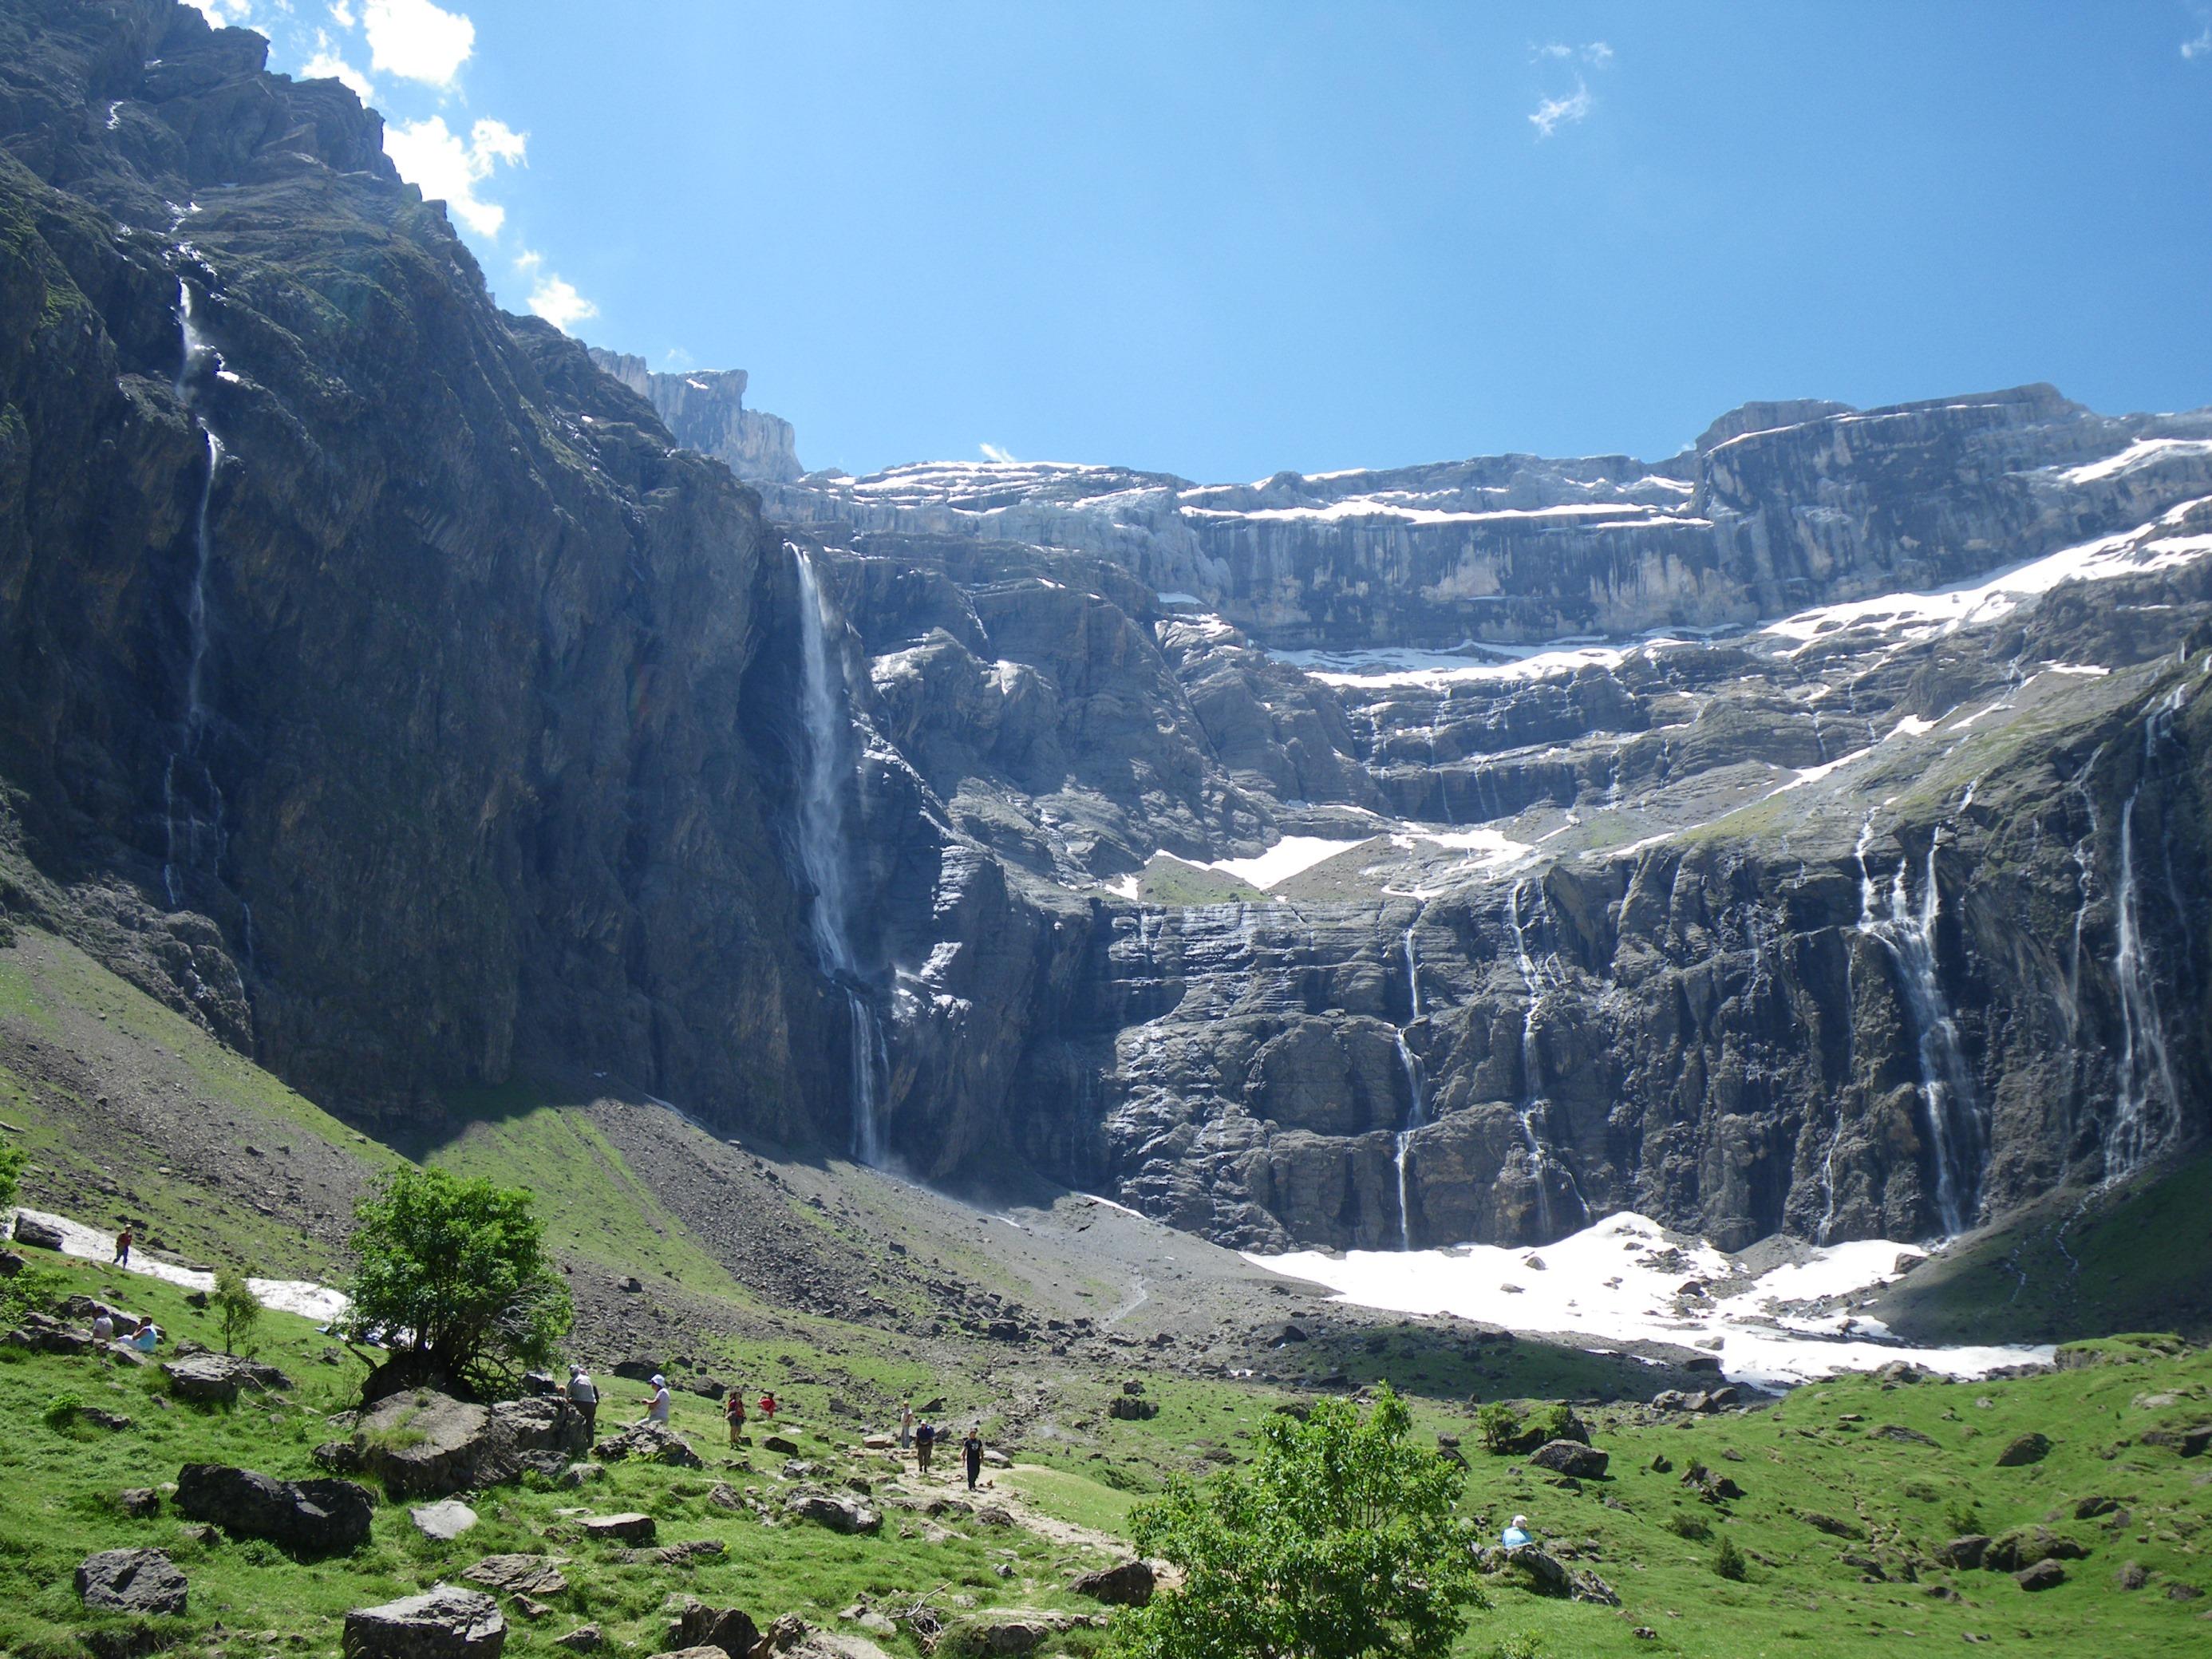 花の宝庫ピレネー山脈ゆったりハイキングとカタルーニャ地方の小さな街 11日間